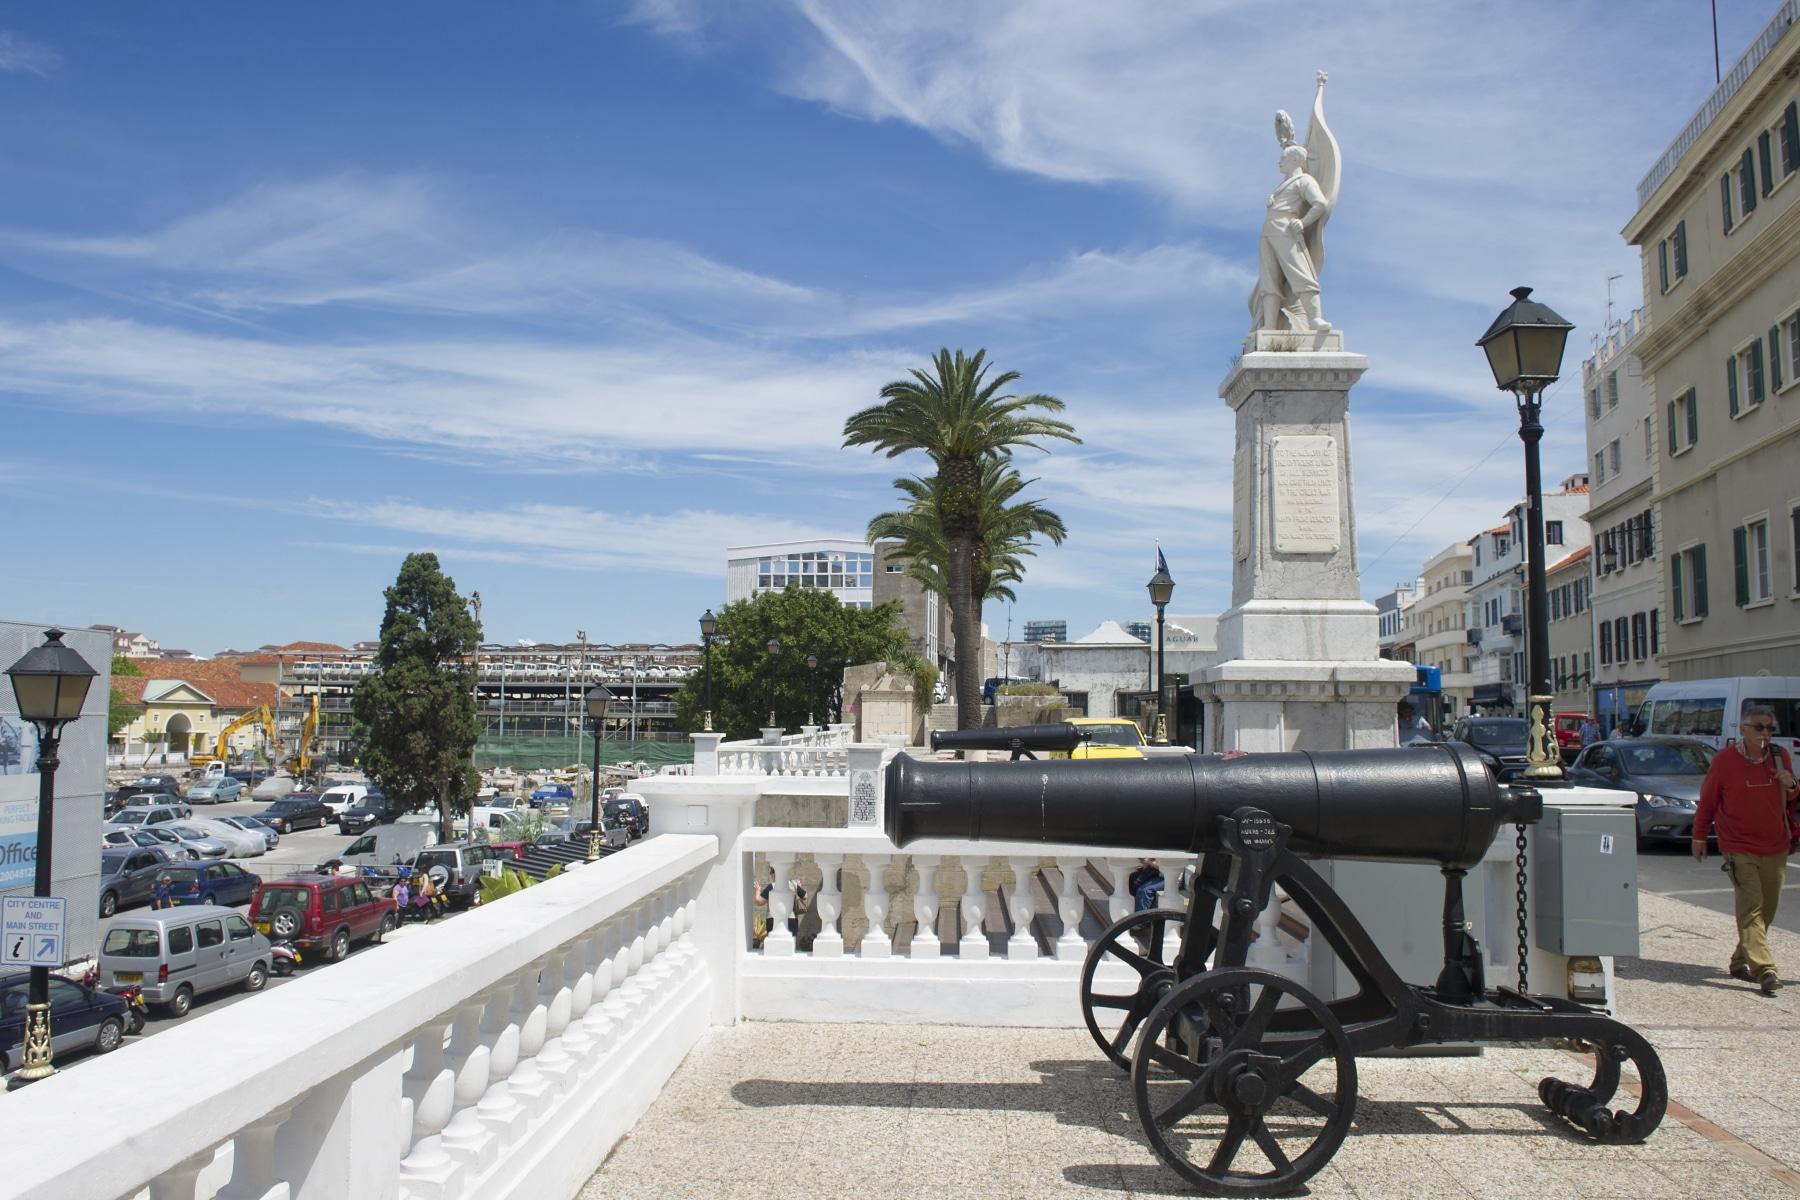 paisajes-urbanos-gibraltar-22_9225169934_o